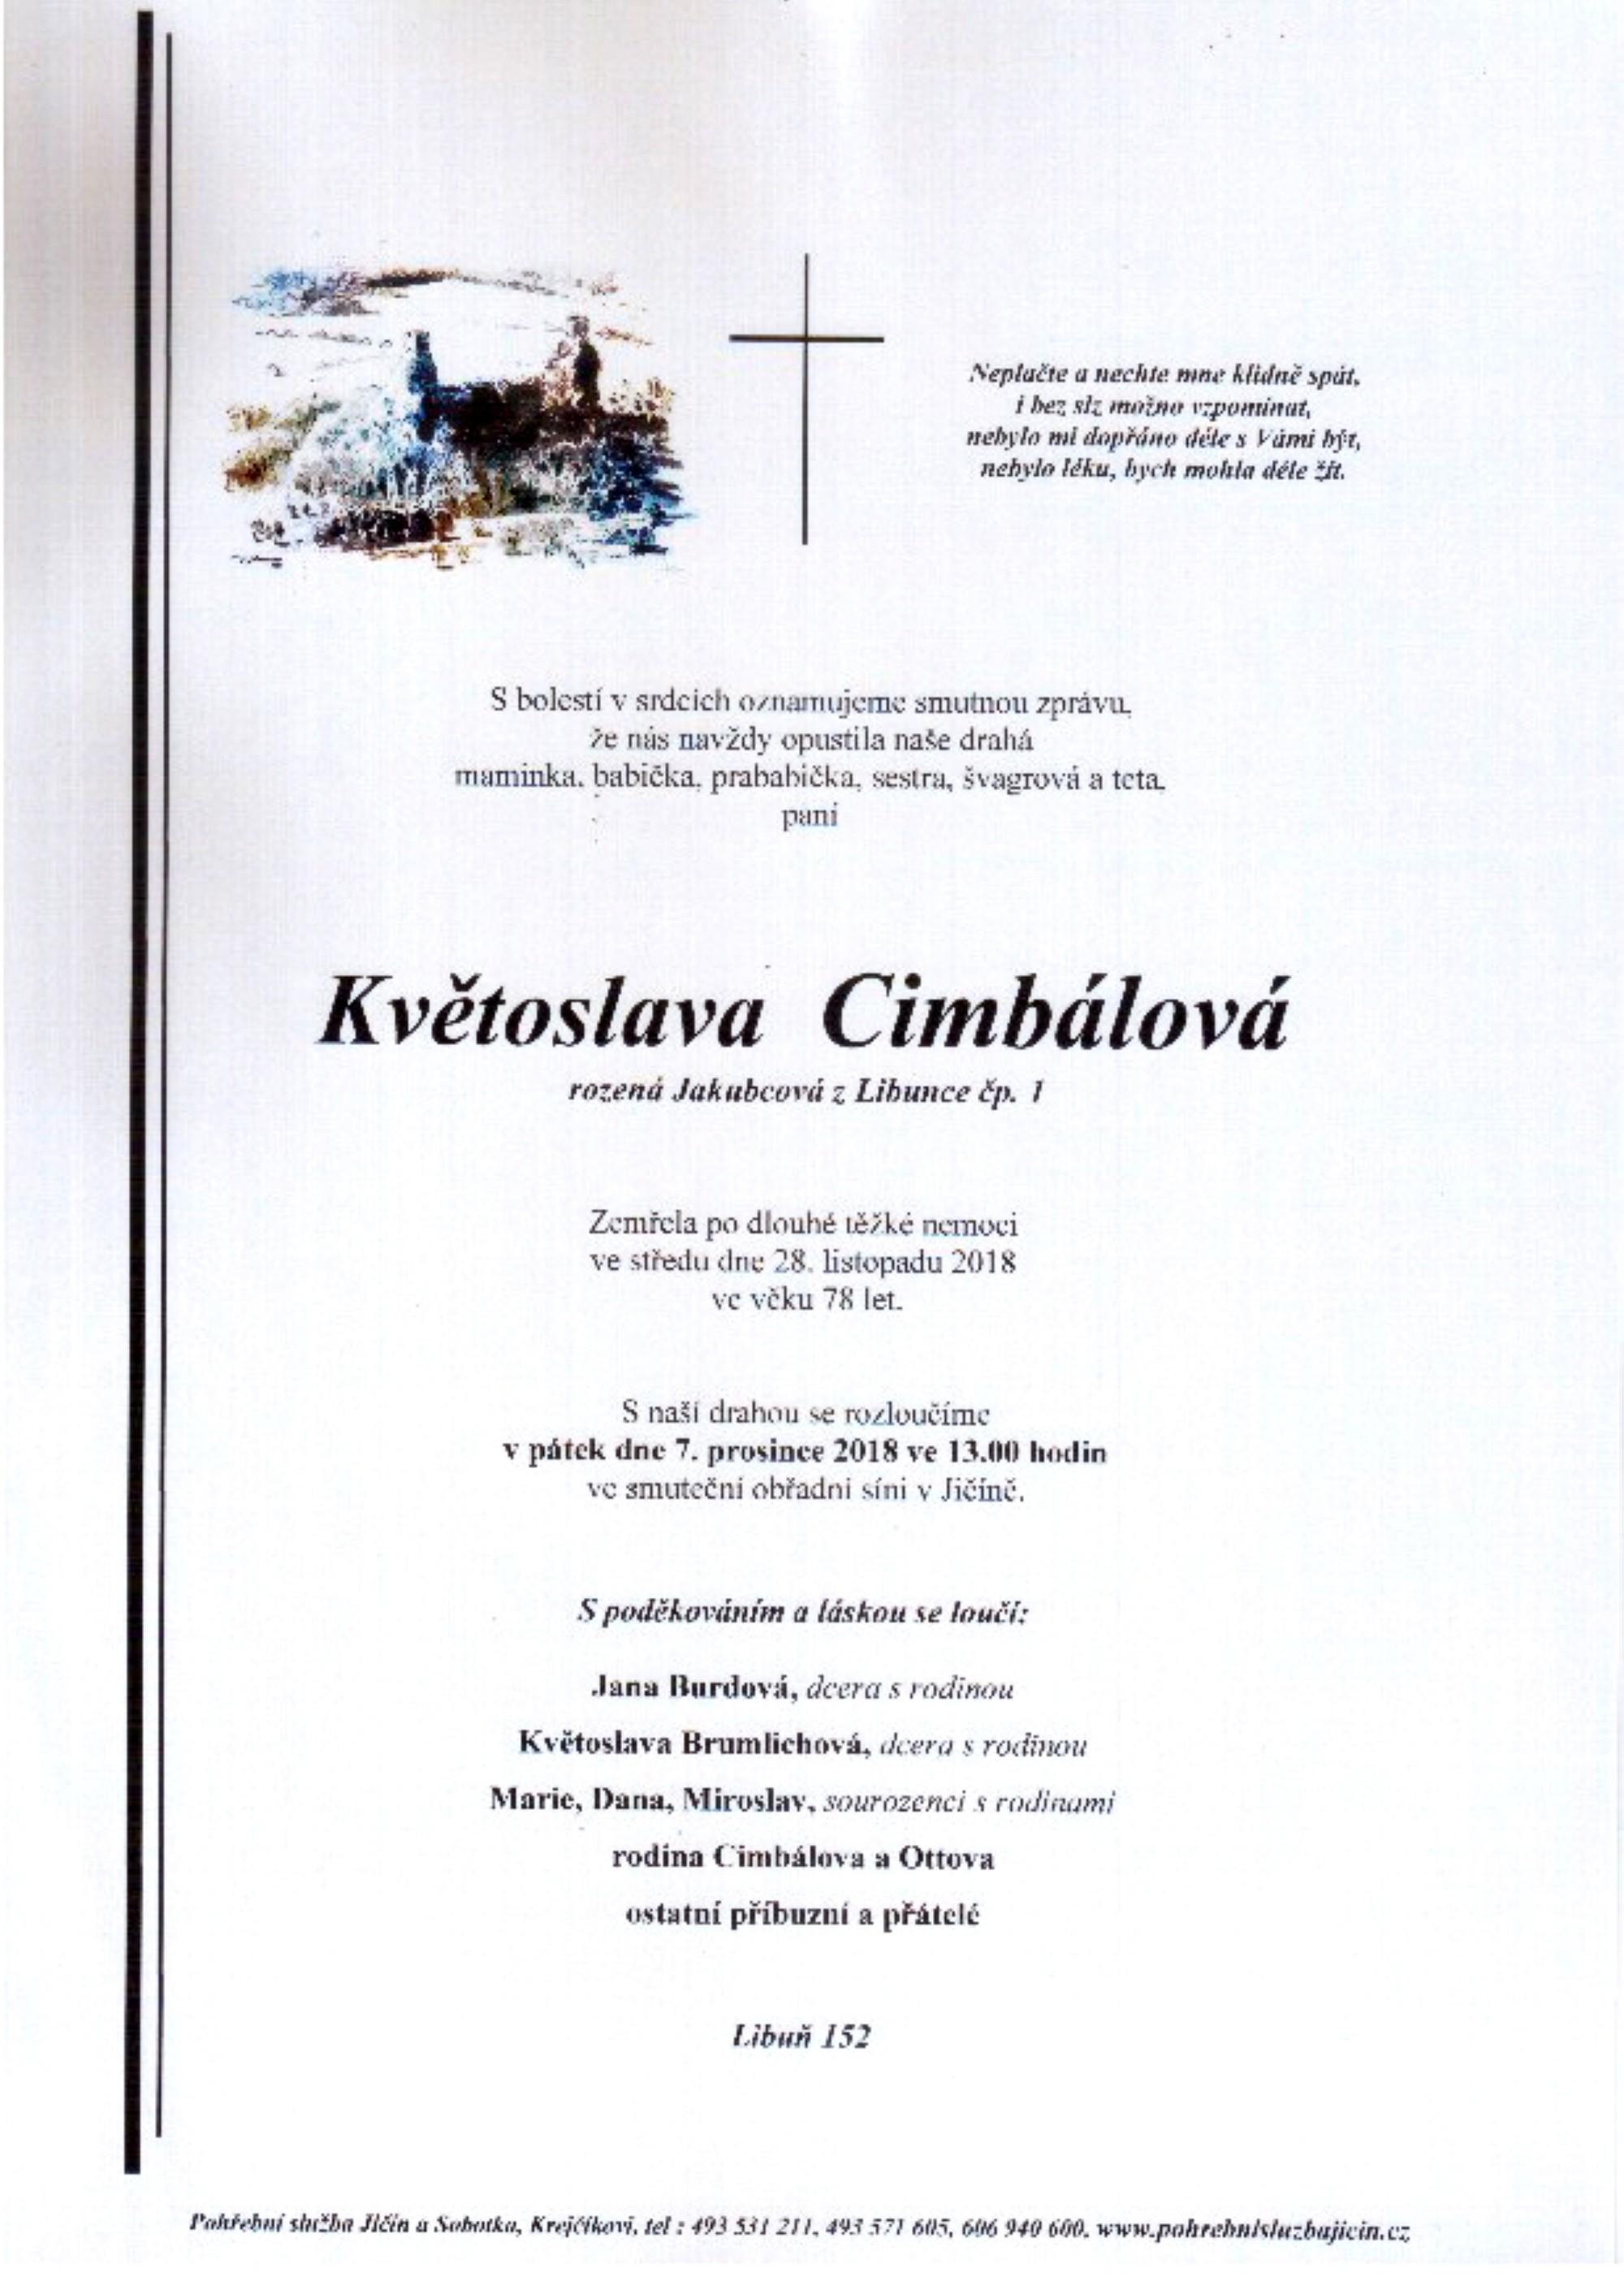 Květoslava Cimbálová